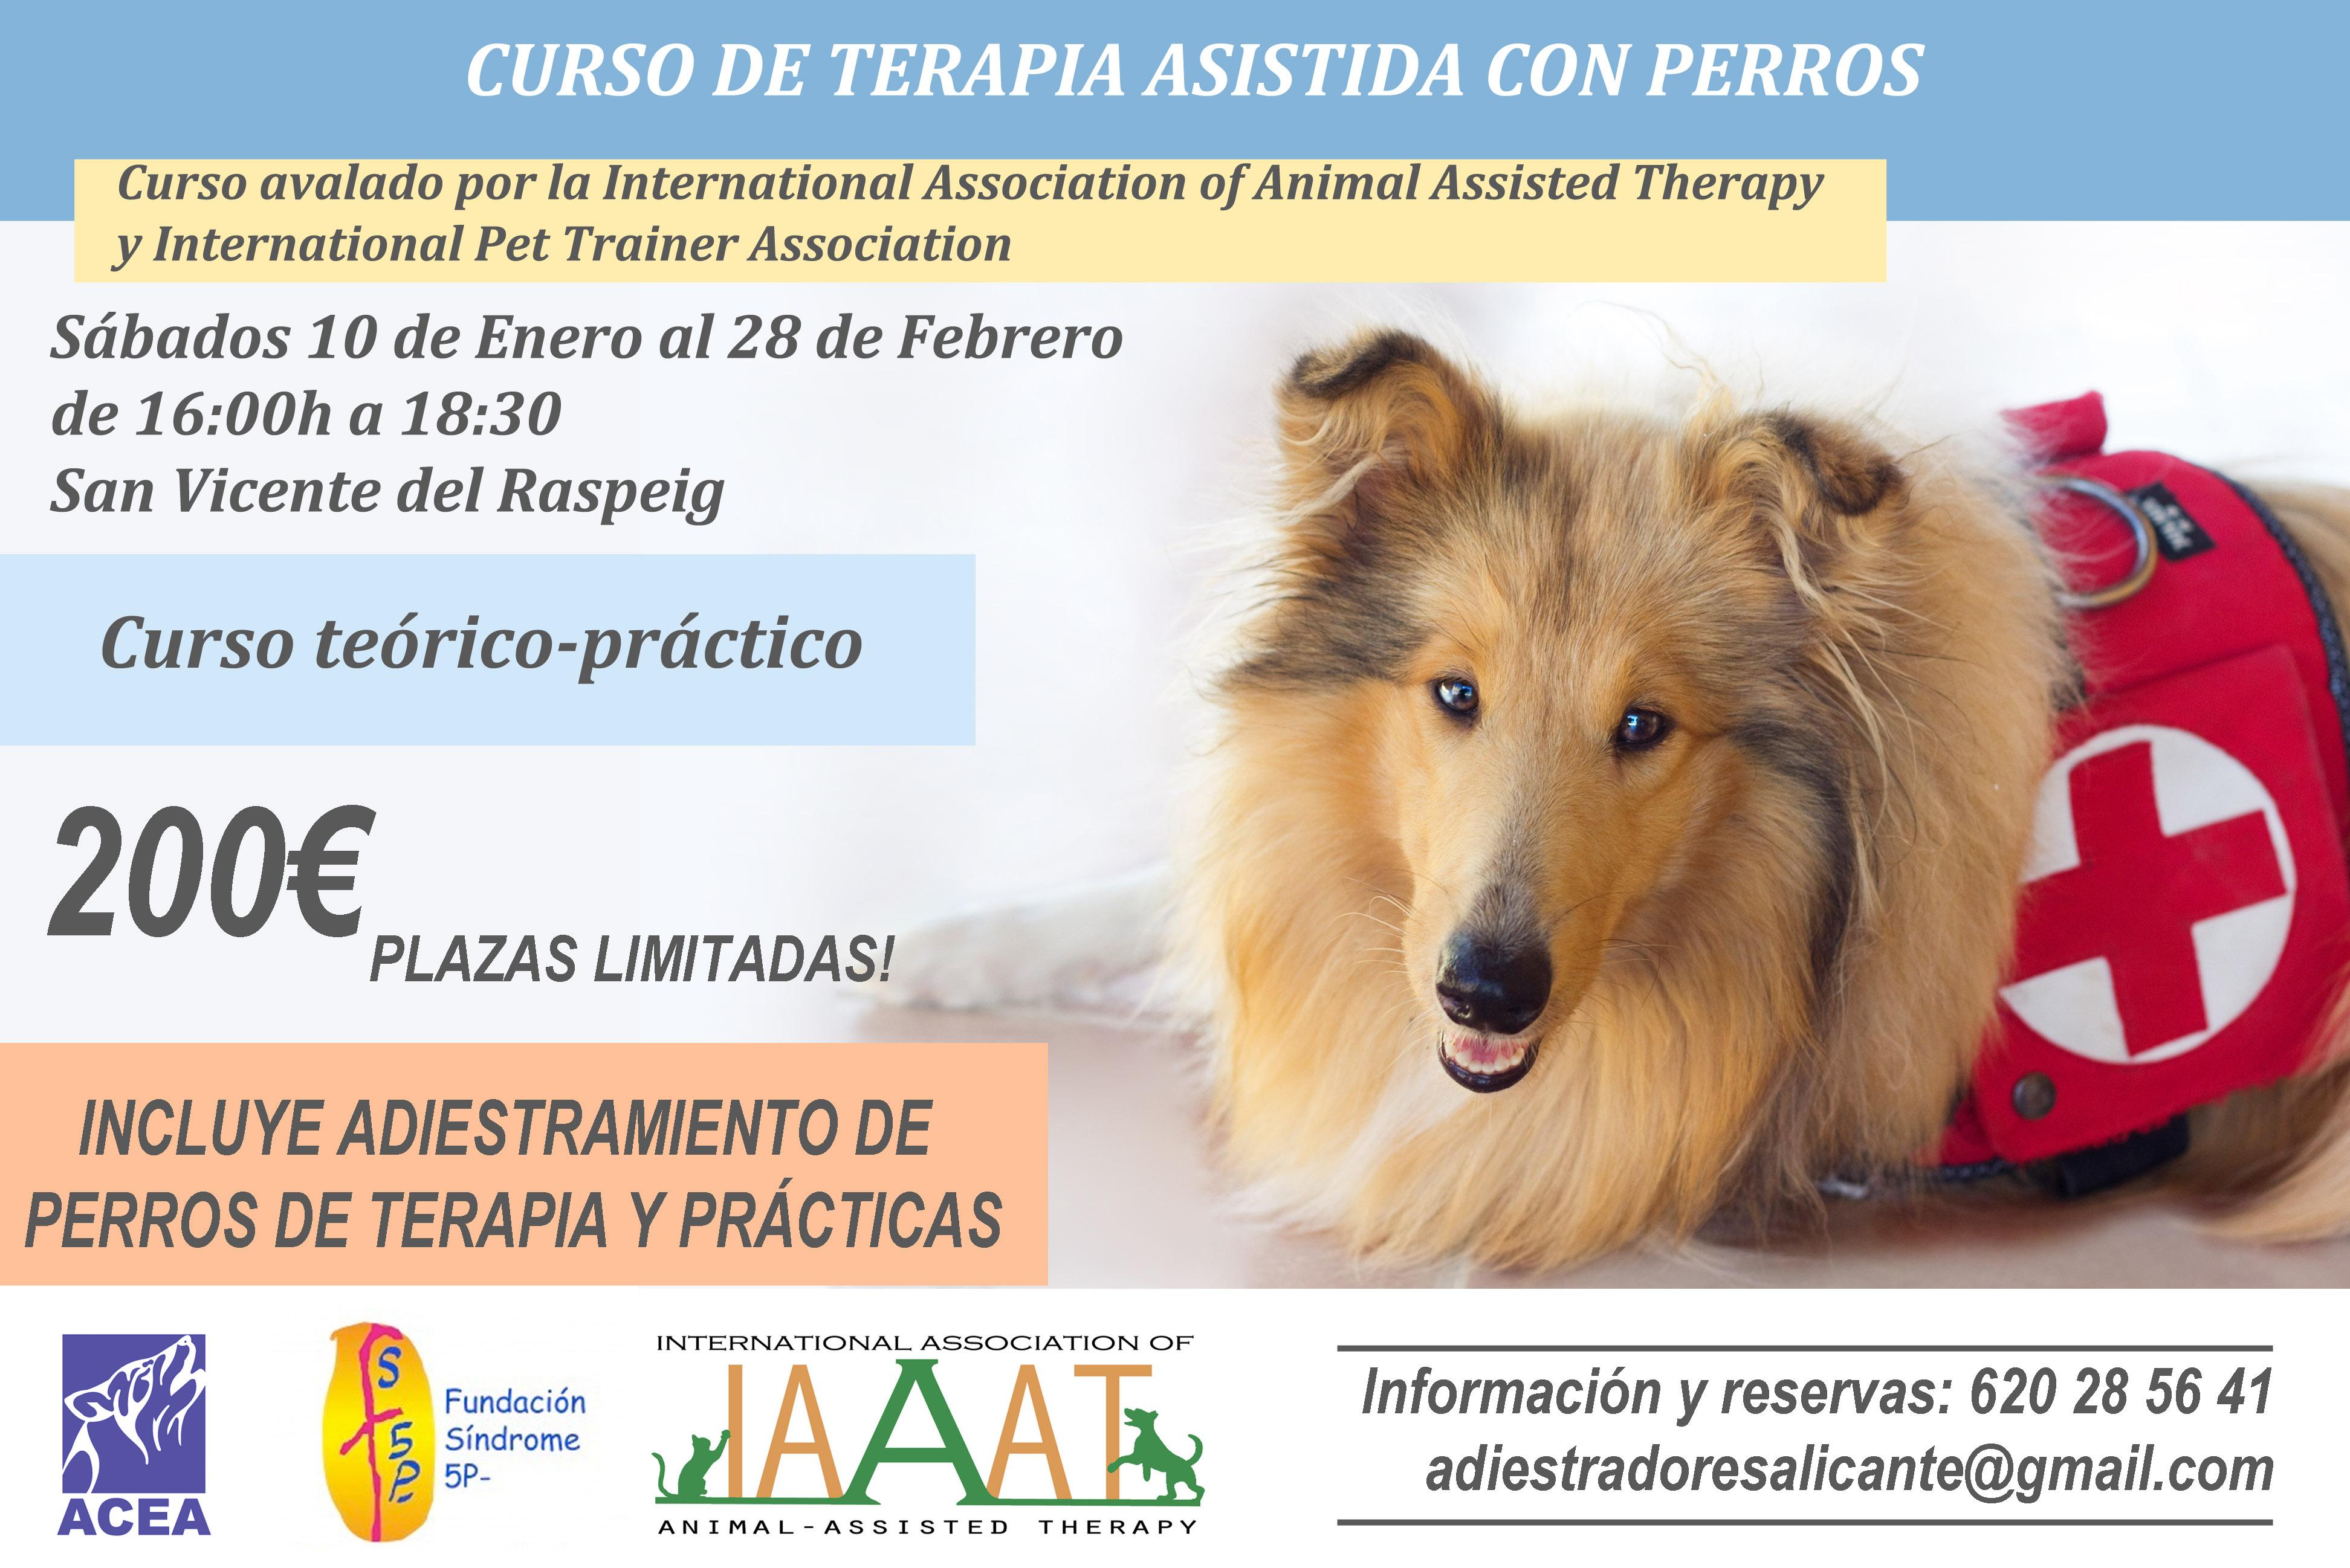 Curso de terapia asistida con perros en Alicante